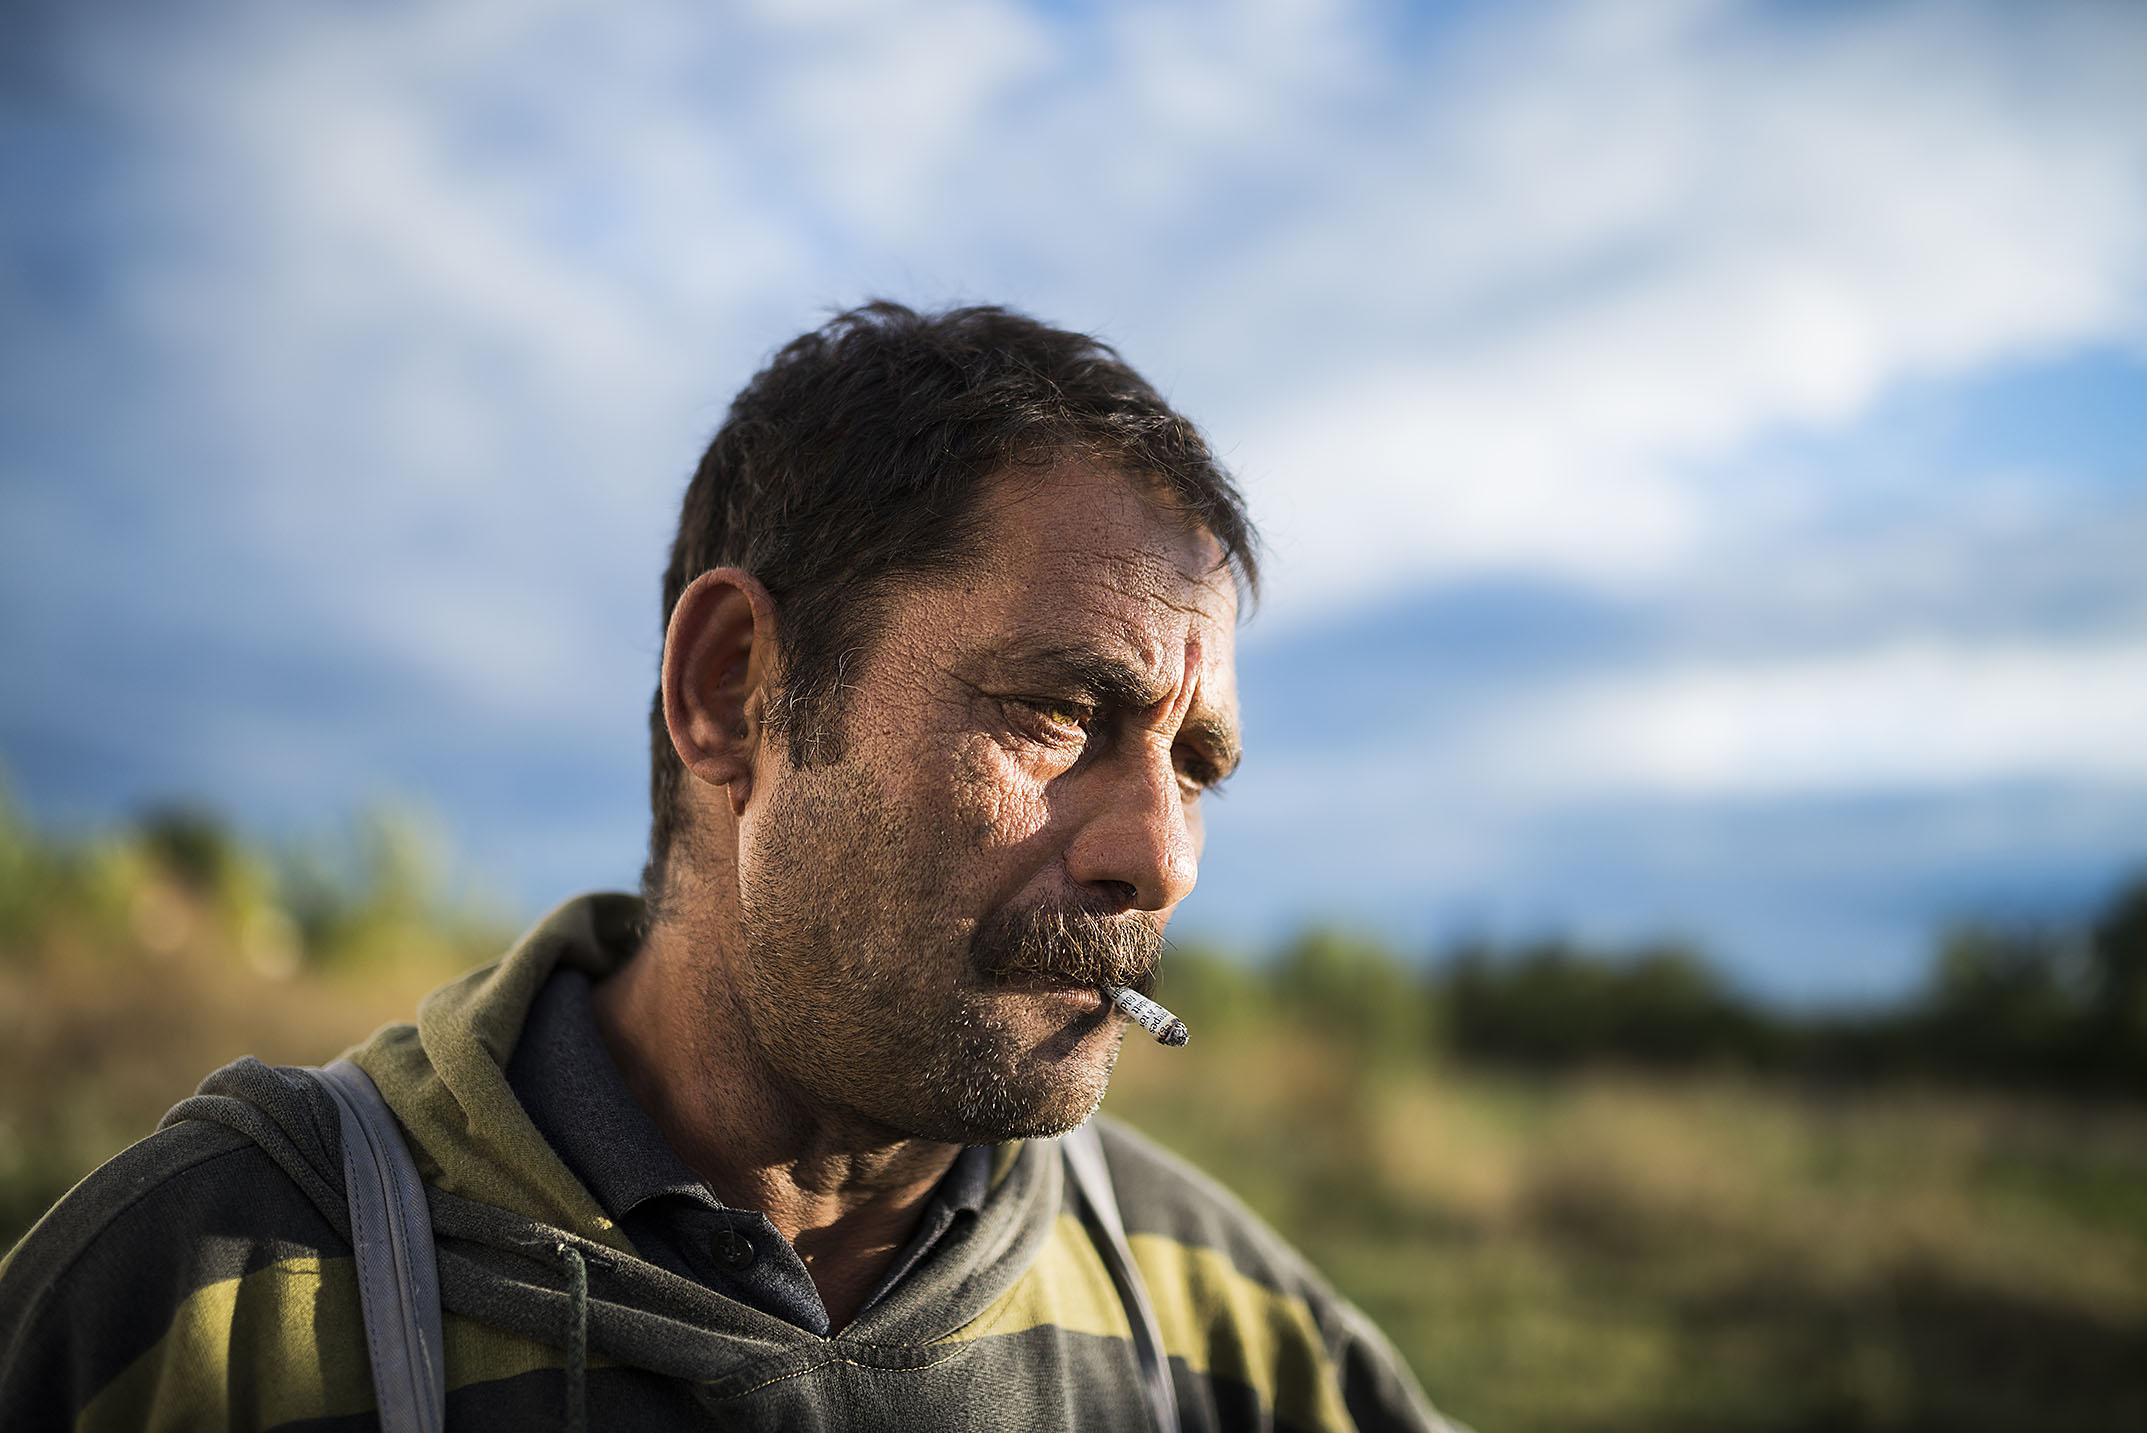 Fotó: Balázs Attila: Egy férfi újságpapírba tekert dohányt szív Józsefházán. Az elszegényedett falusi lakosság körében gyakori, hogy cigarettahüvelyre sem telik. Részlet a Dohány című sorozatból, 2013